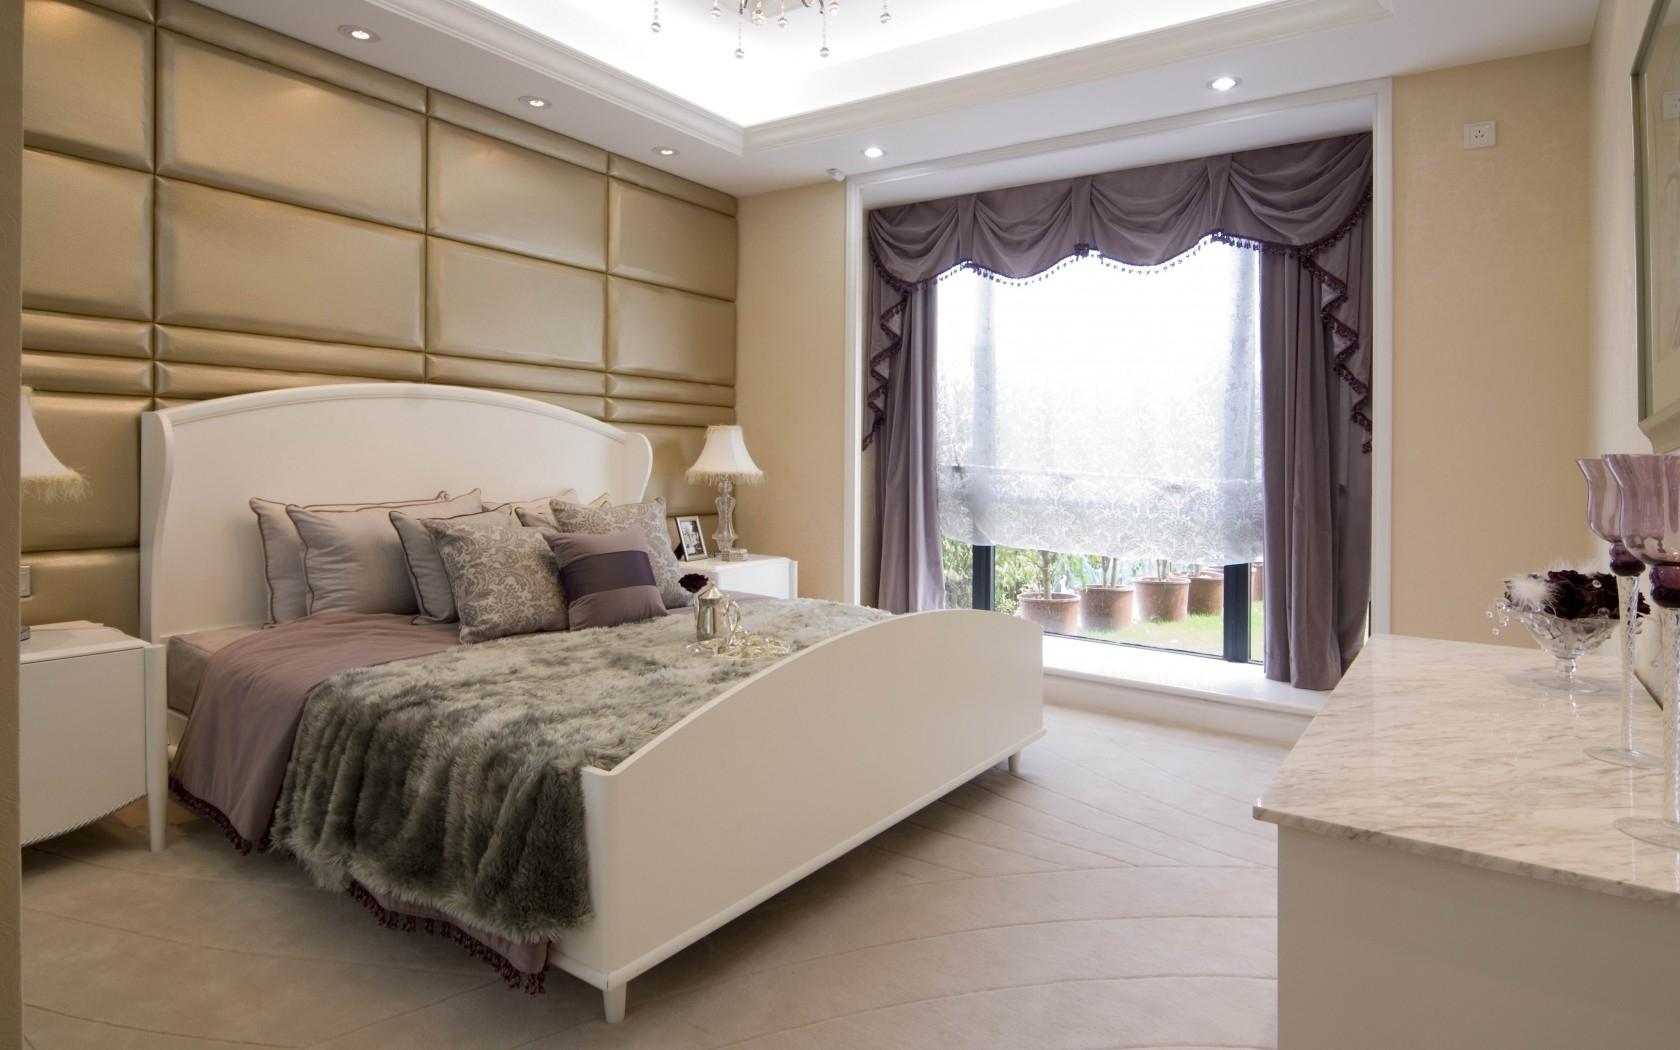 Baggrunde : værelse, soveværelse, seng, gardiner, vindue, puder ...